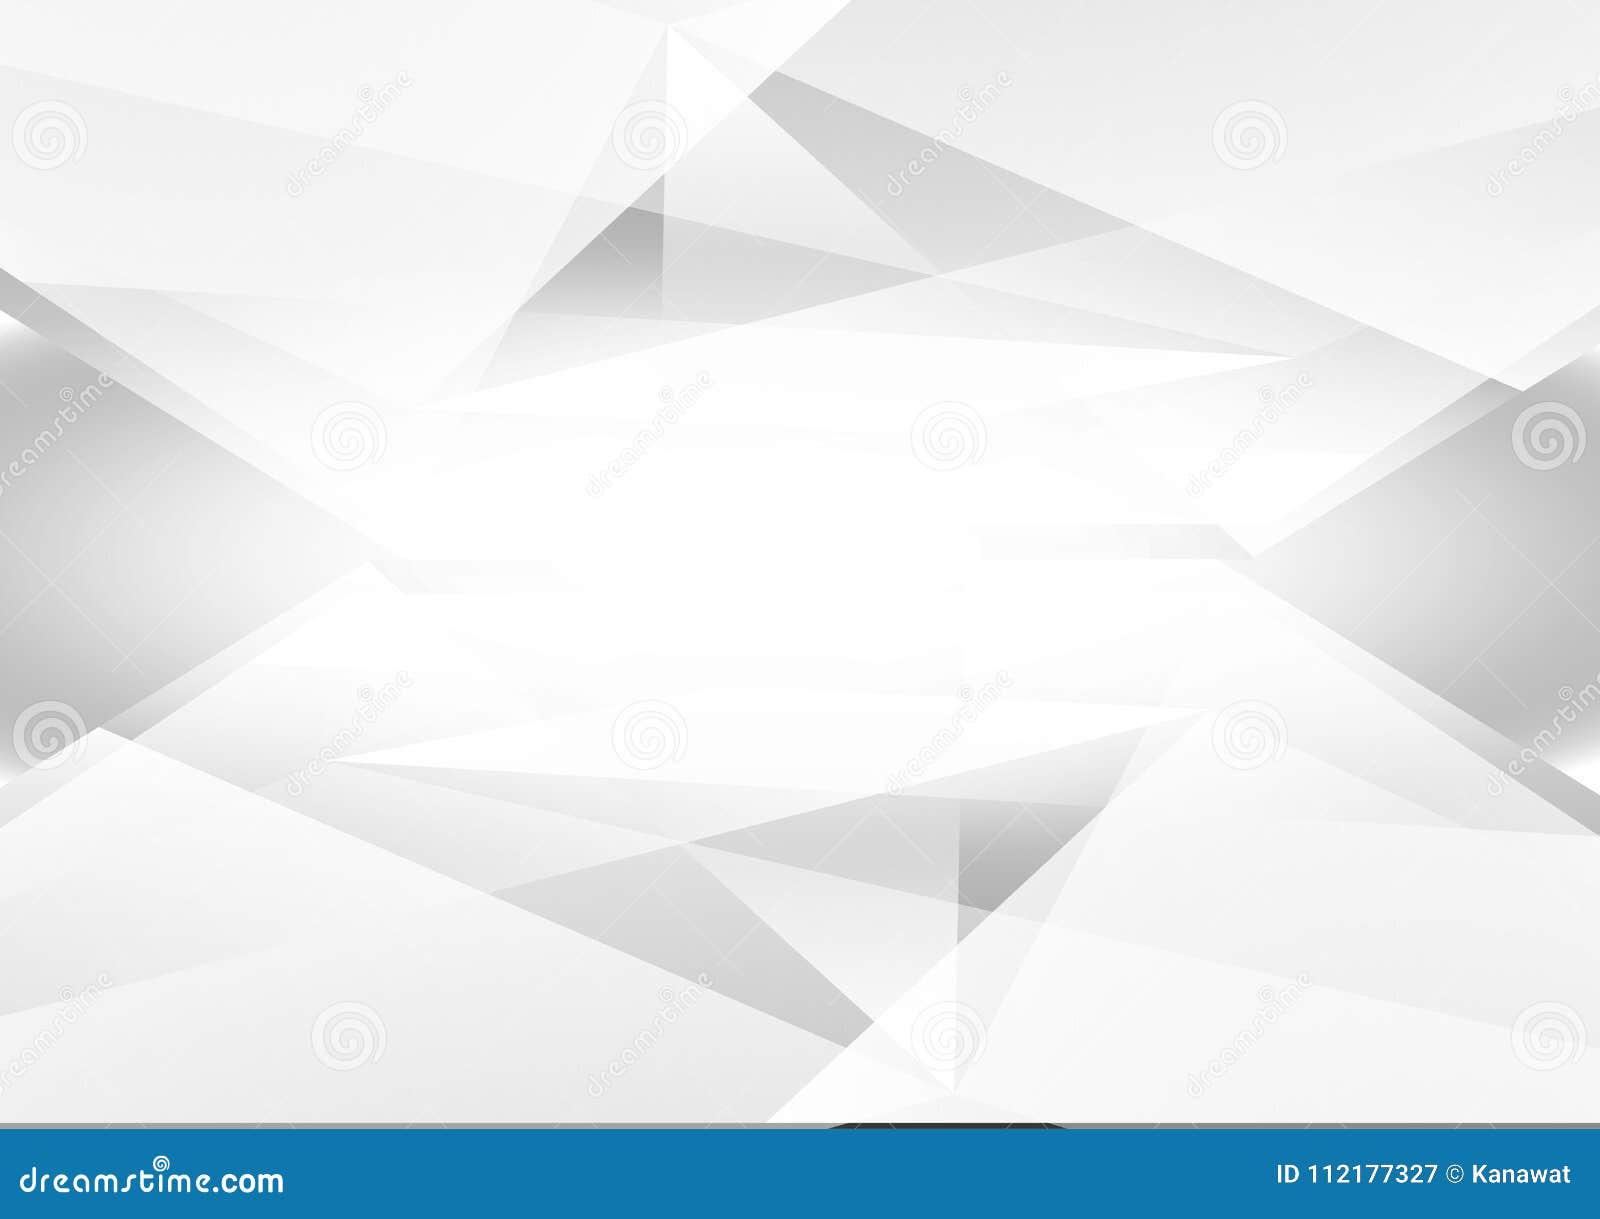 灰色和白色颜色摘要几何传染媒介背景和浅灰色,现代设计与拷贝空间